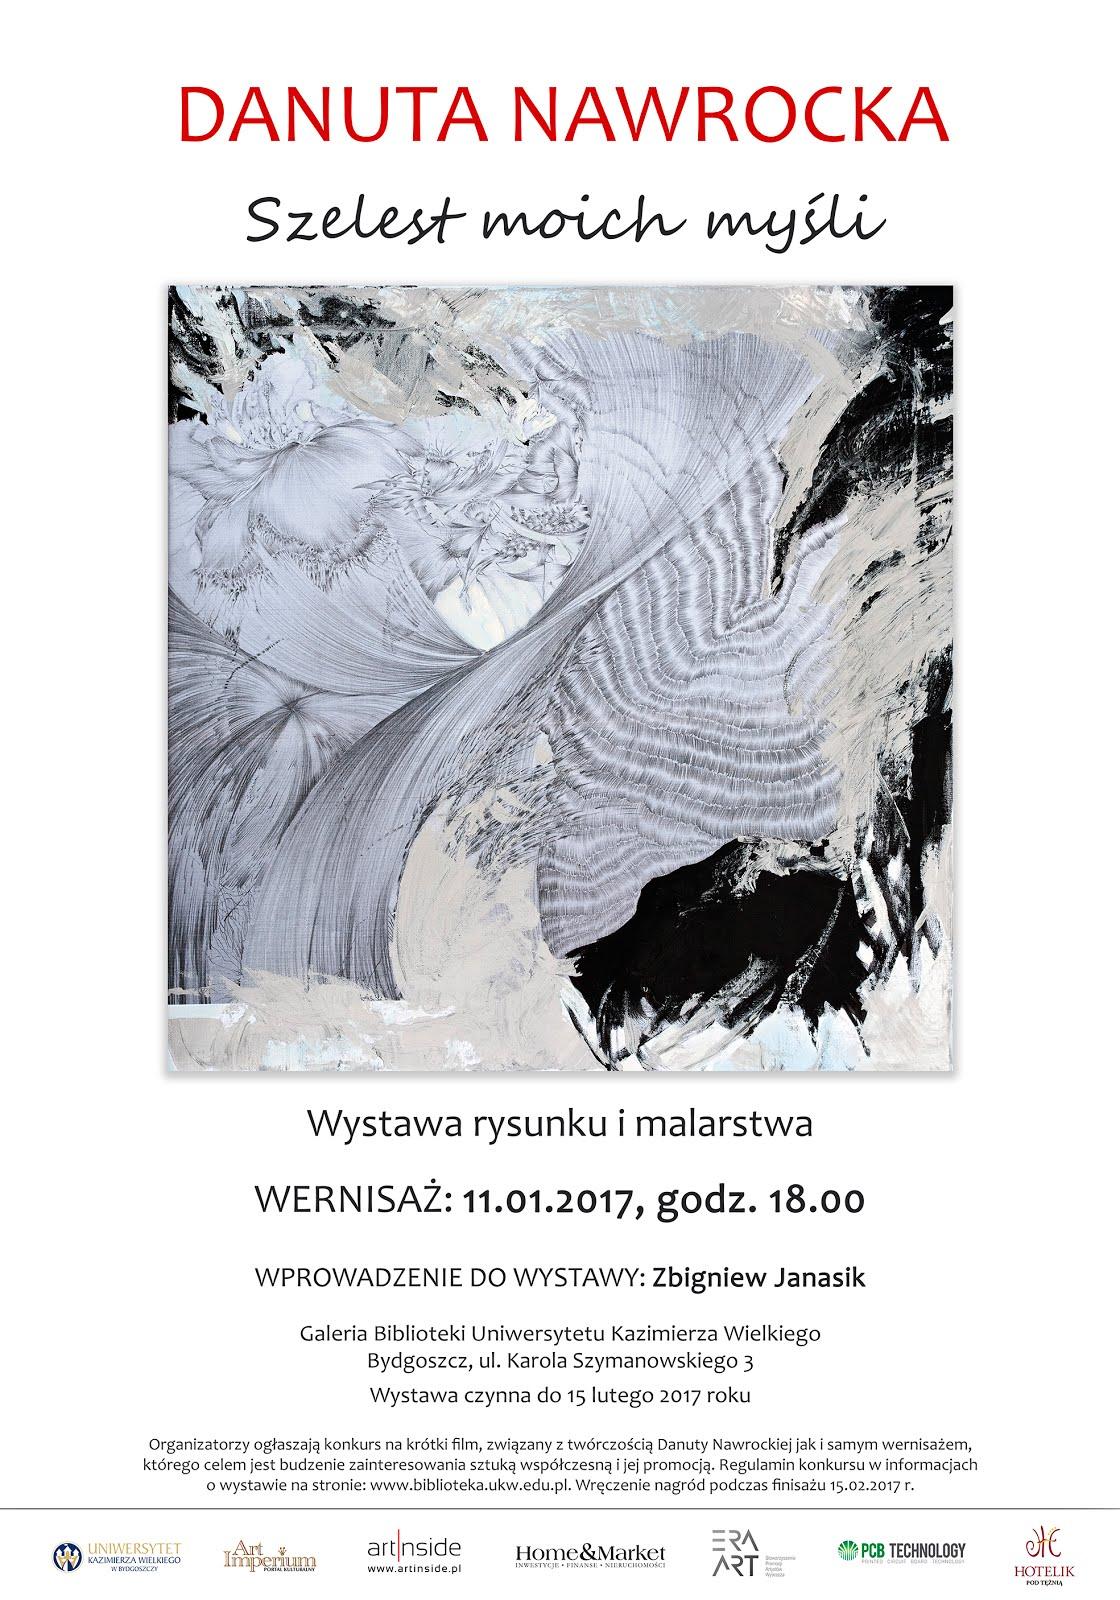 Zapraszamy do zwiedzania wystawy Danuty Nawrockiej